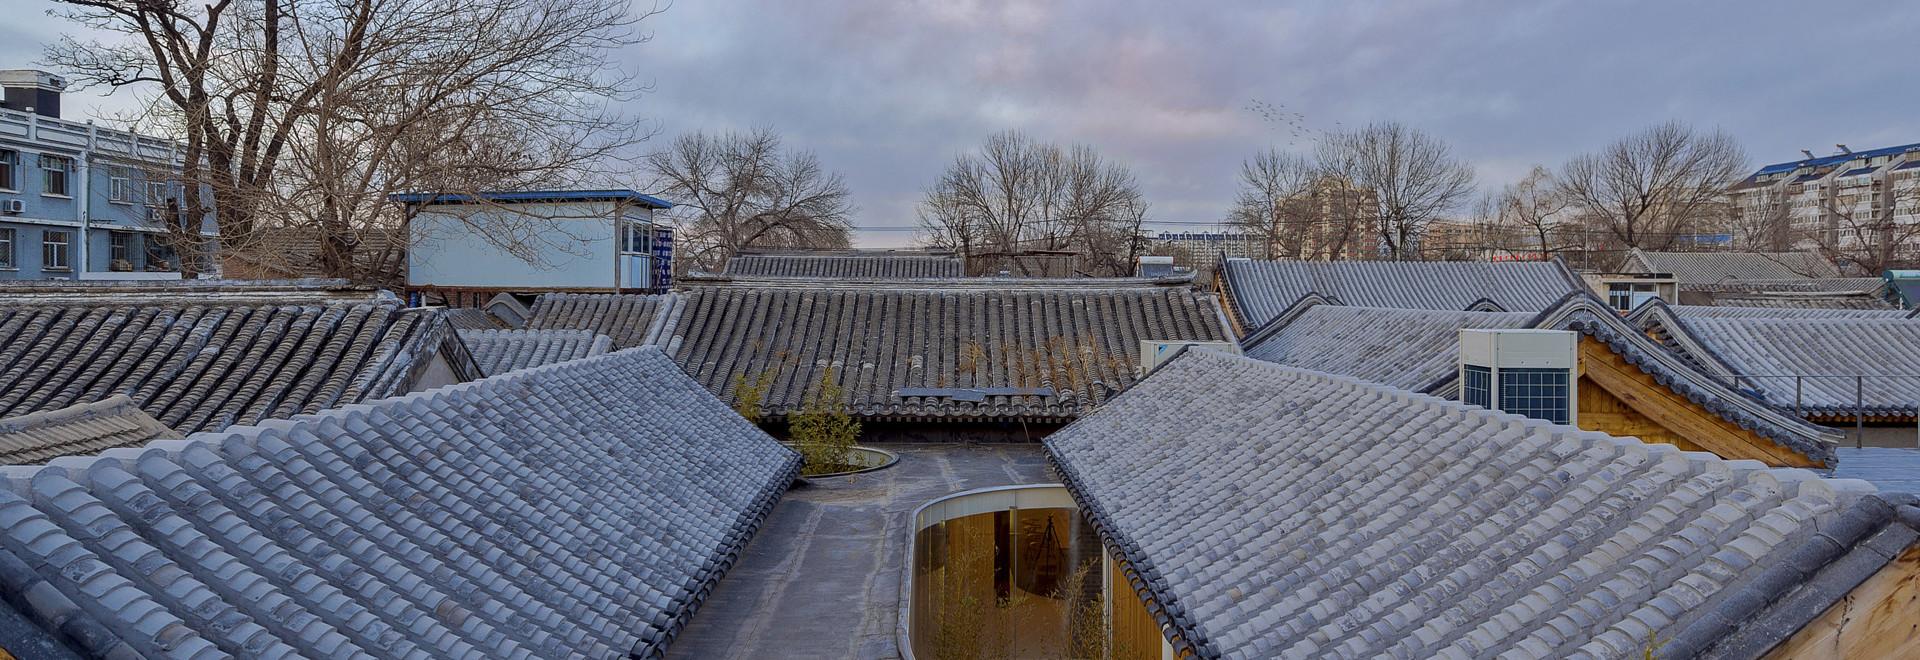 Un Hutong tradicional en Pekín renacida en una nueva casa de té de la edad